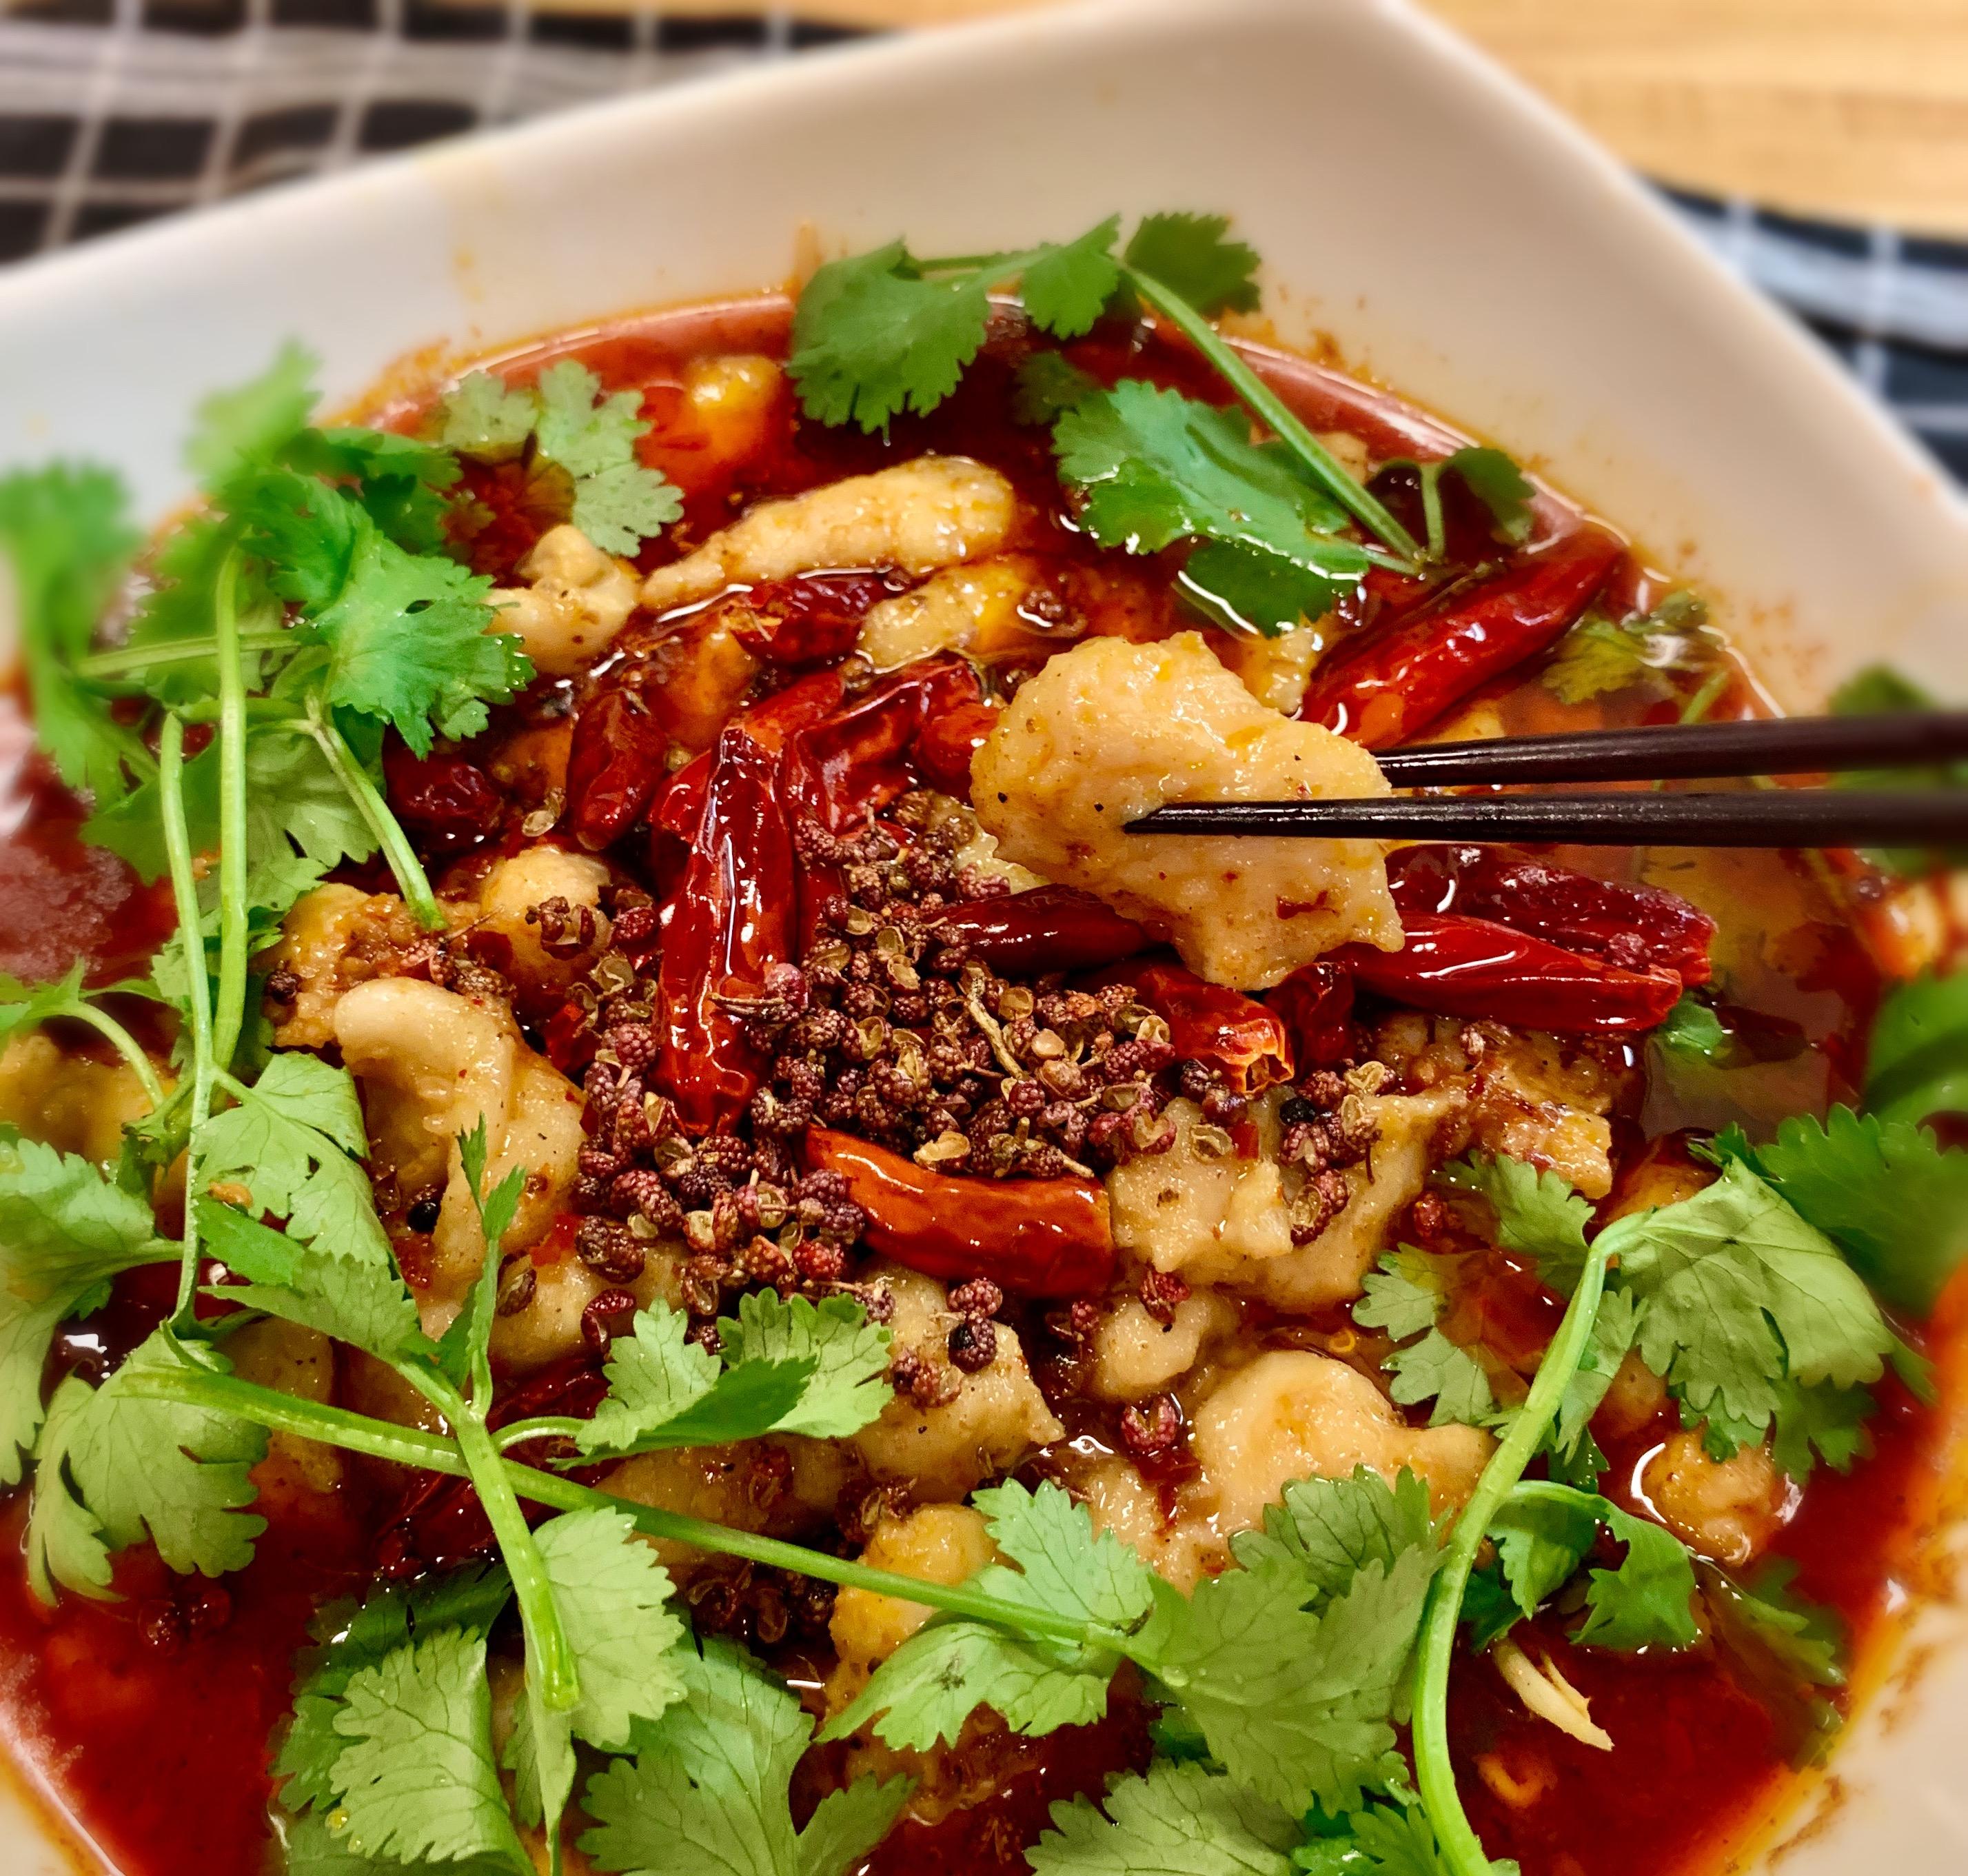 Sichuan Boiled Fish水煮鱼shuǐ zhǔ yú